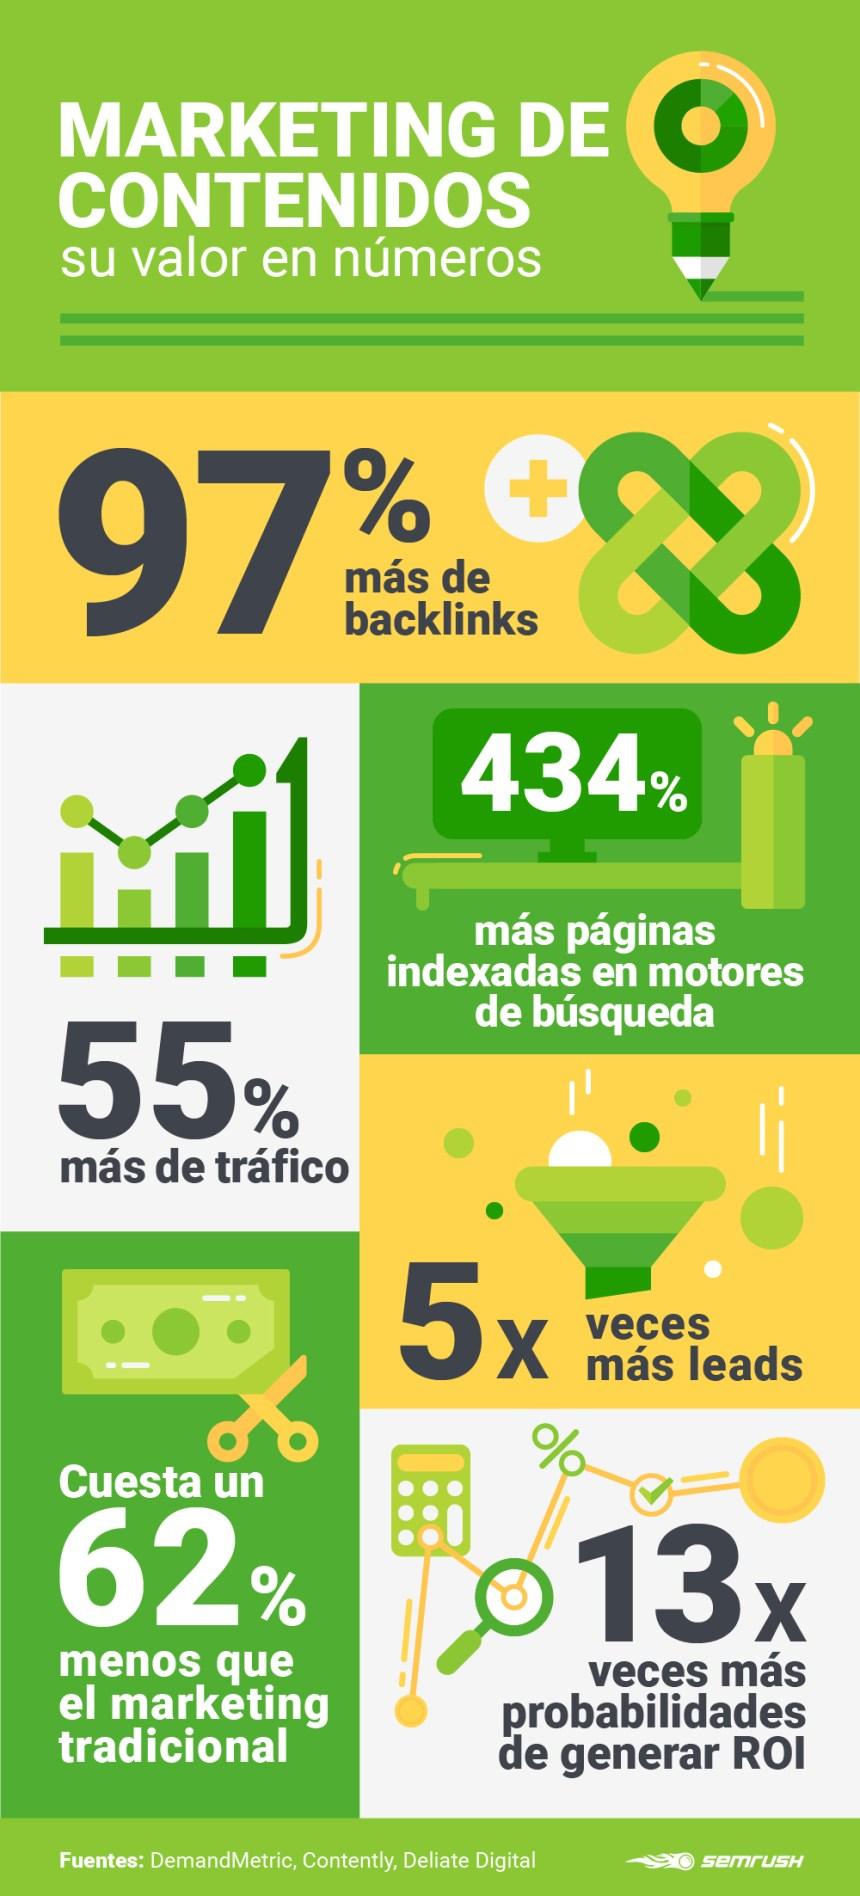 Marketing de contenidos: su valor en números